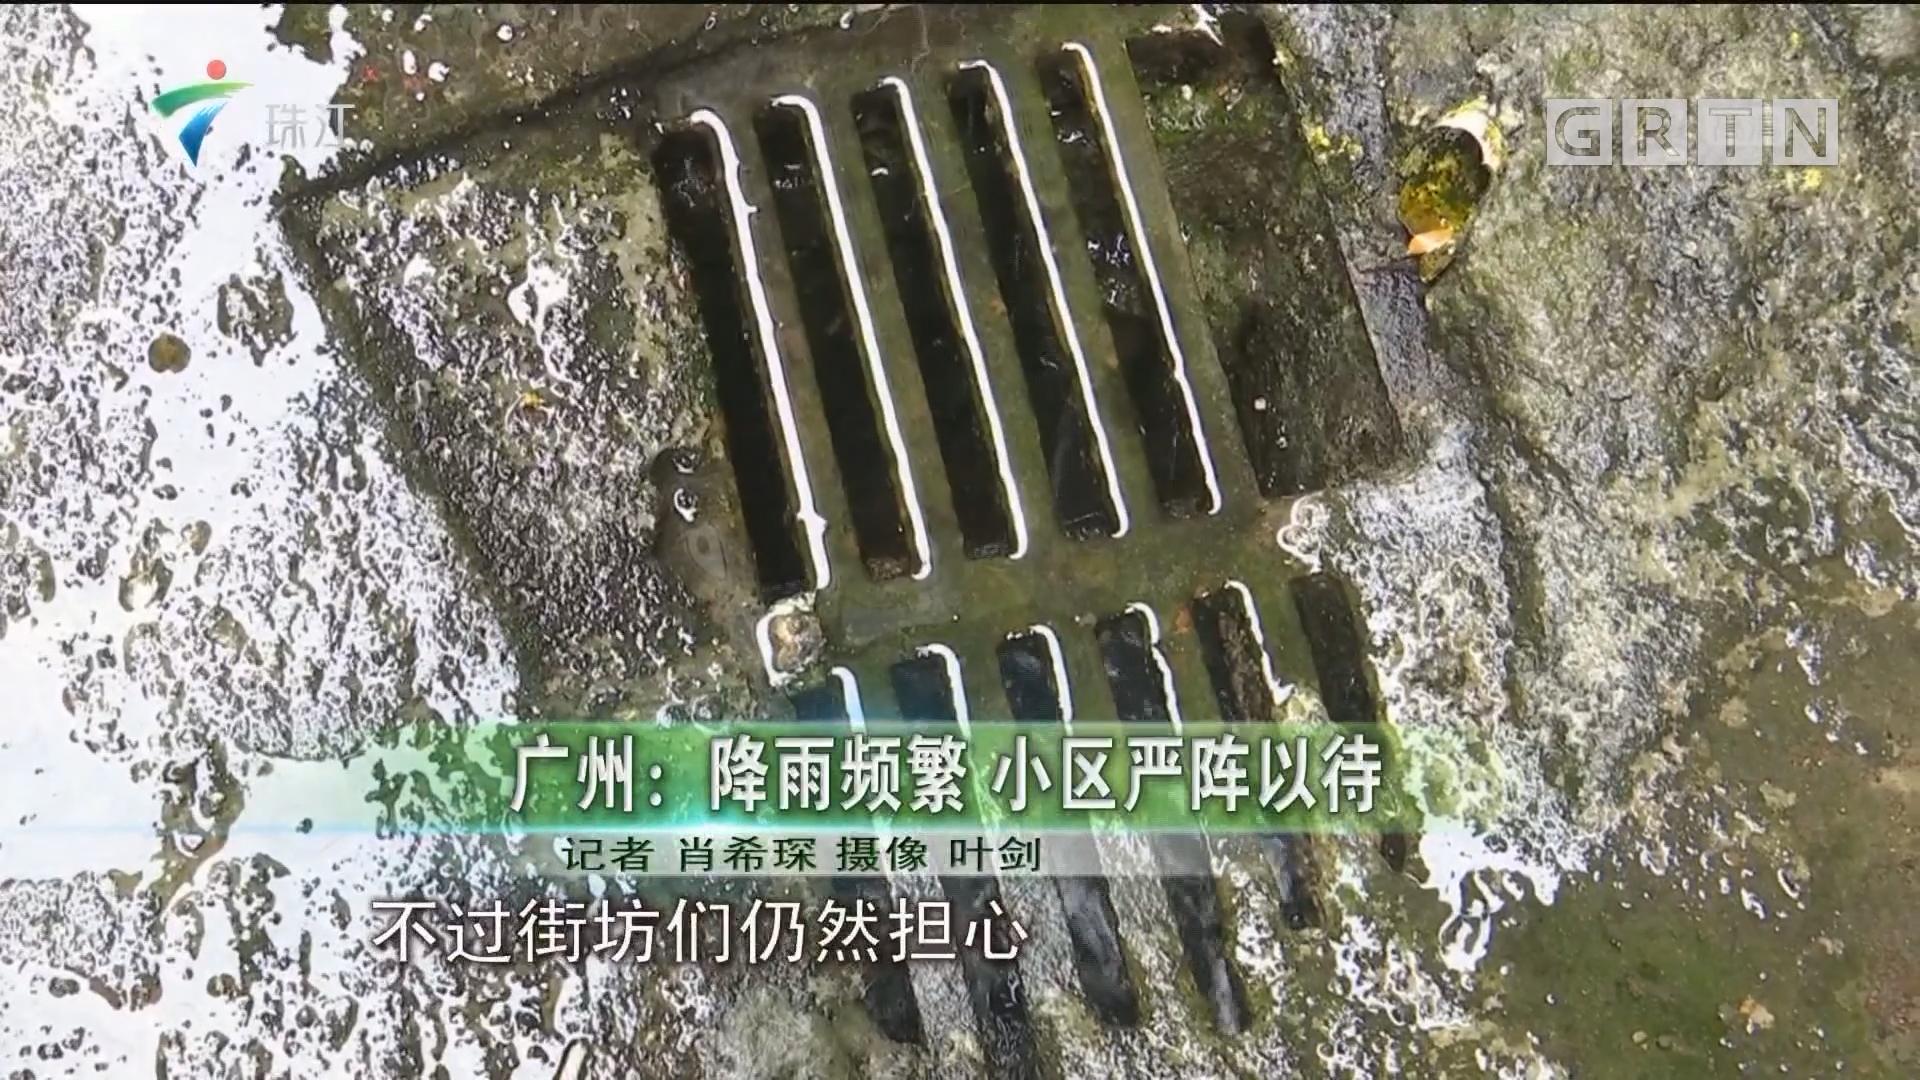 广州:降雨频繁 小区严阵以待